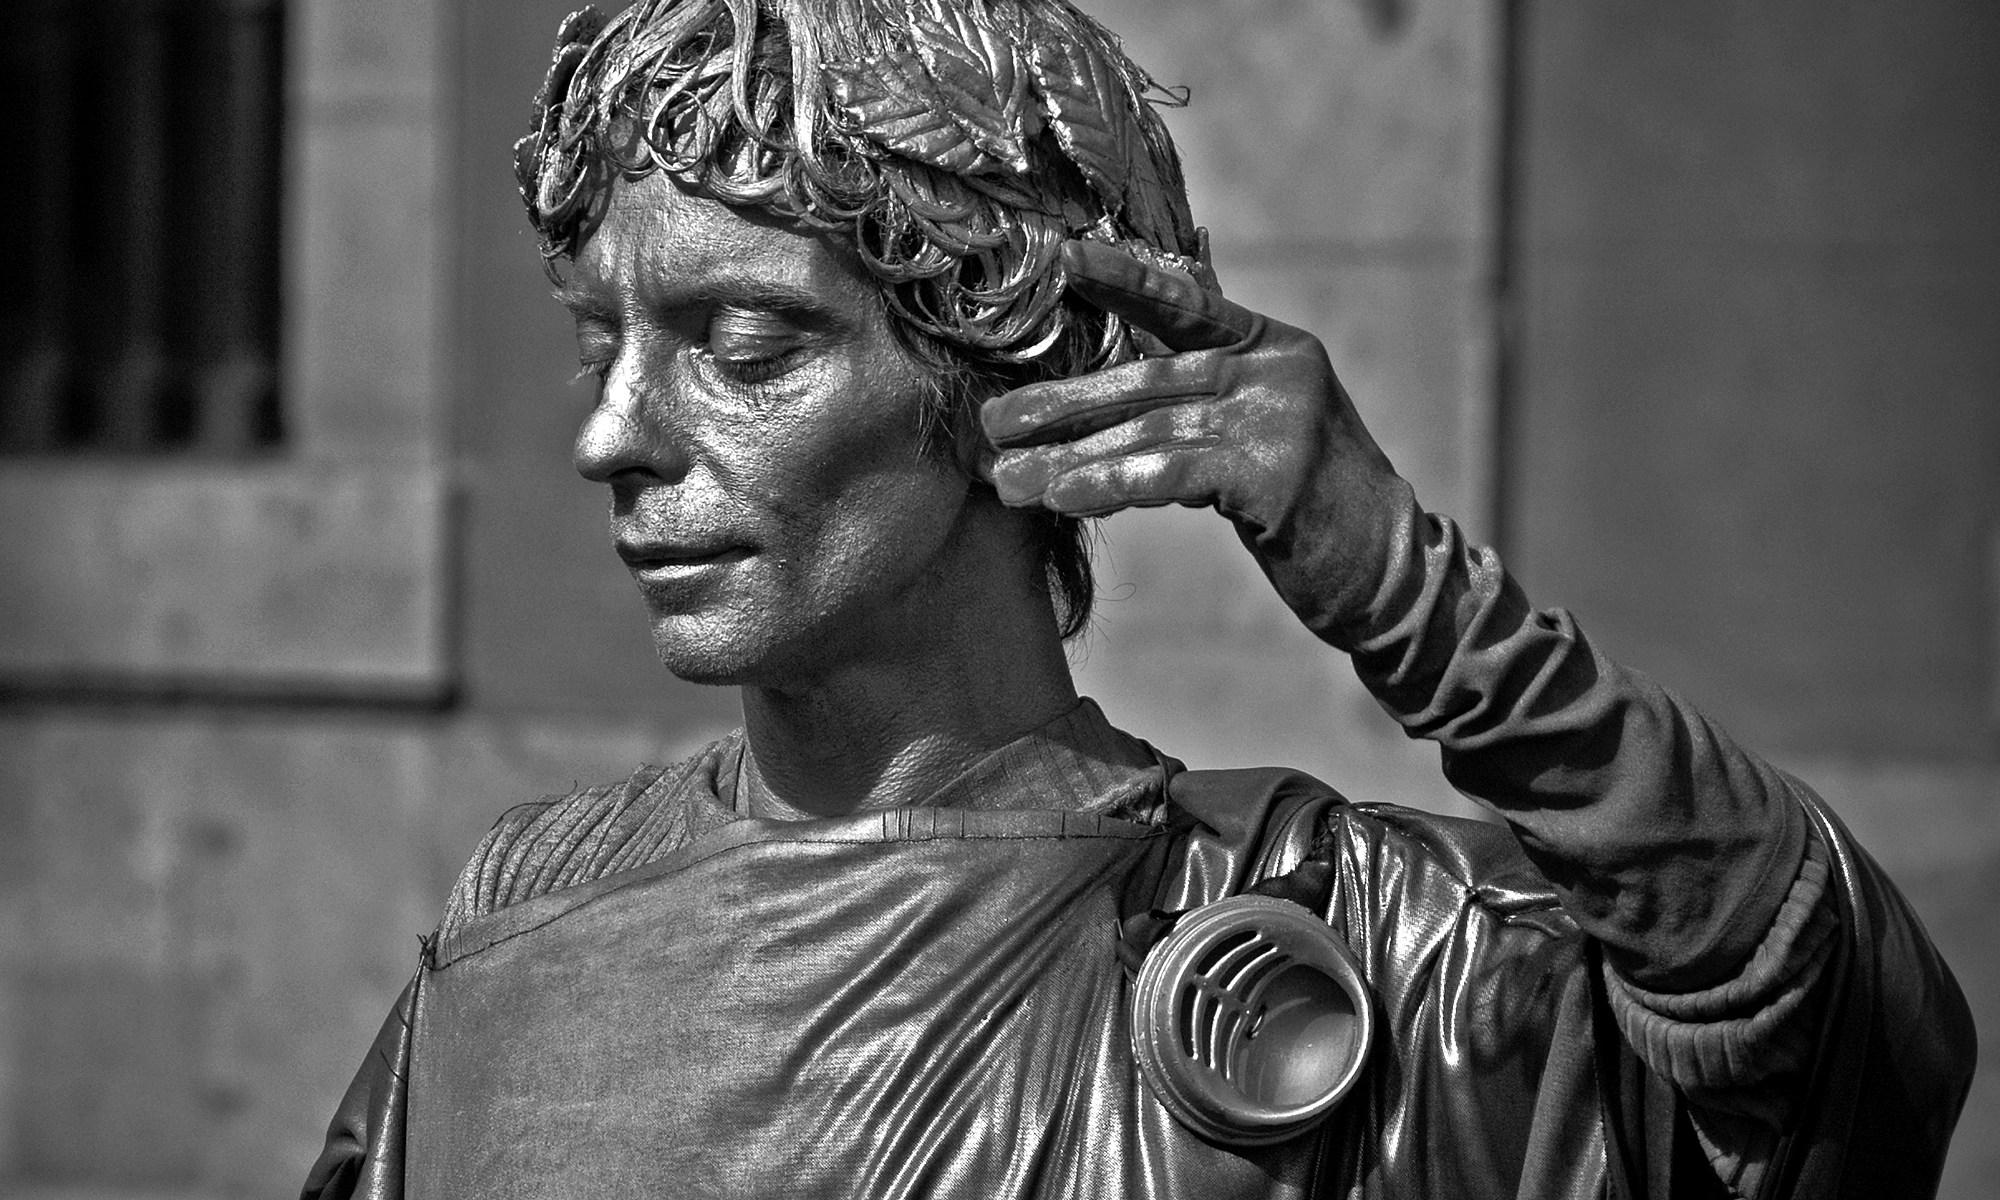 Human Statue on La Rambla, Barcelona